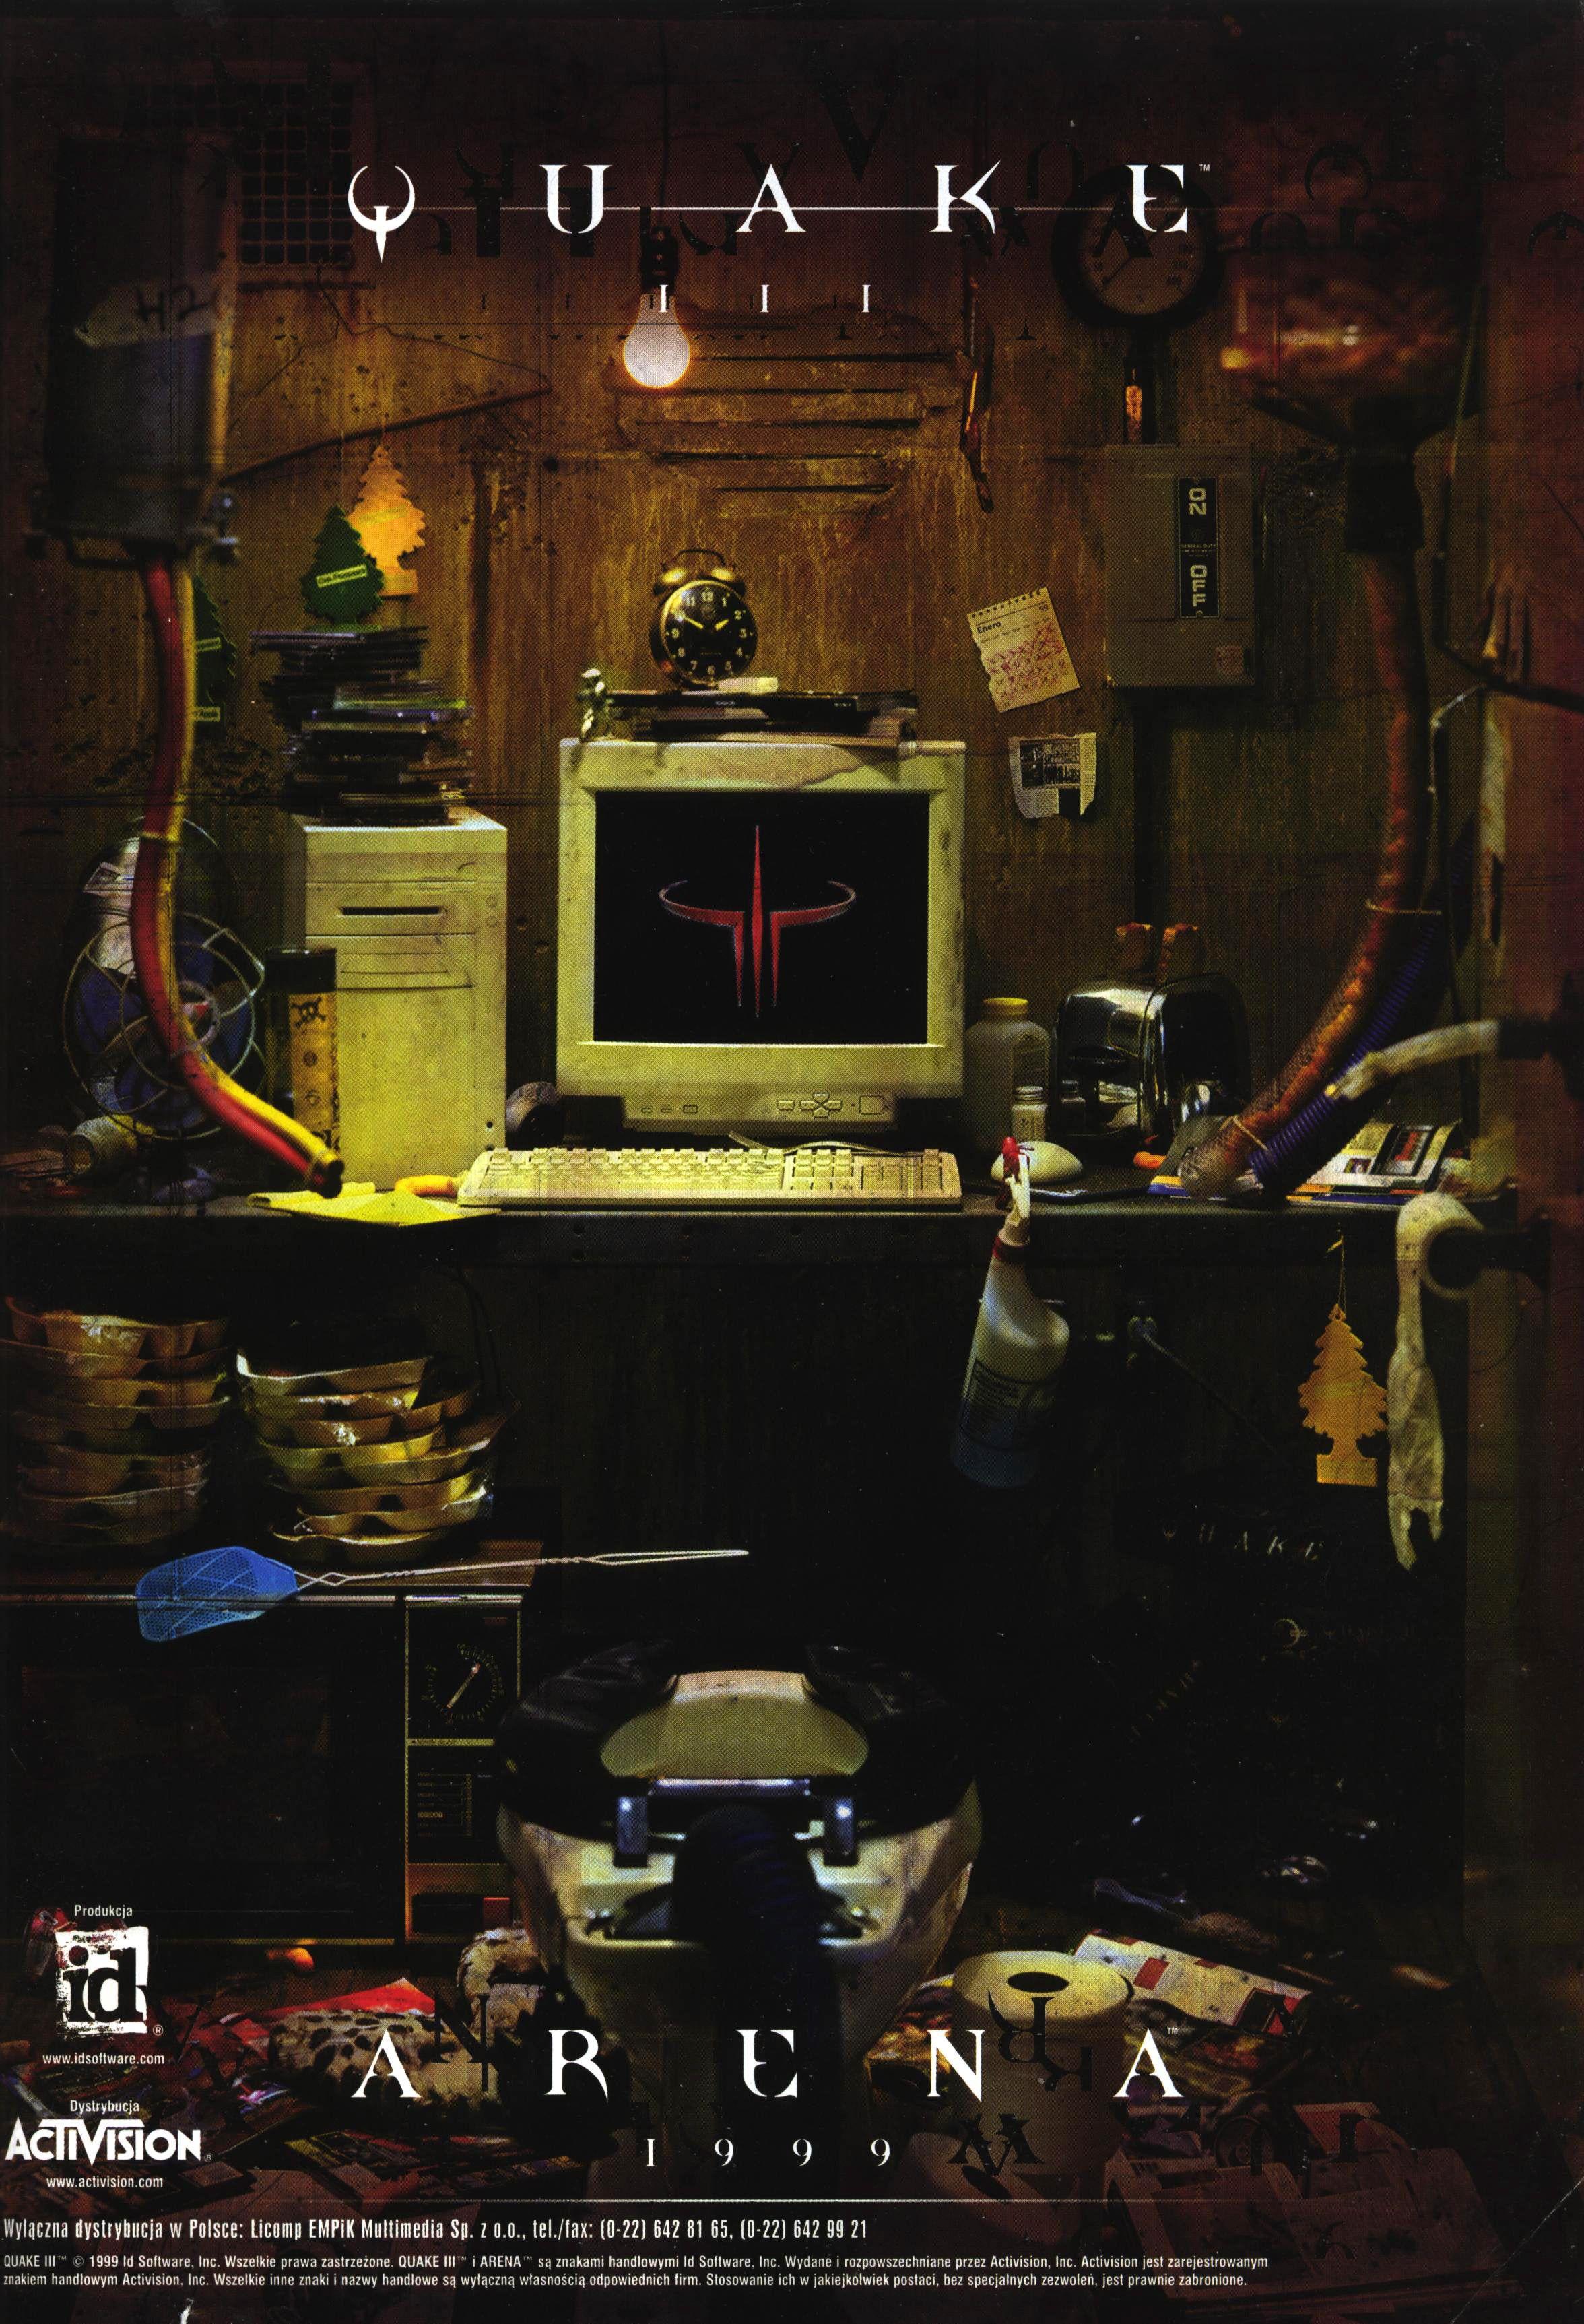 Quake 3 Arena Magazine ad (1999) Vintage video games